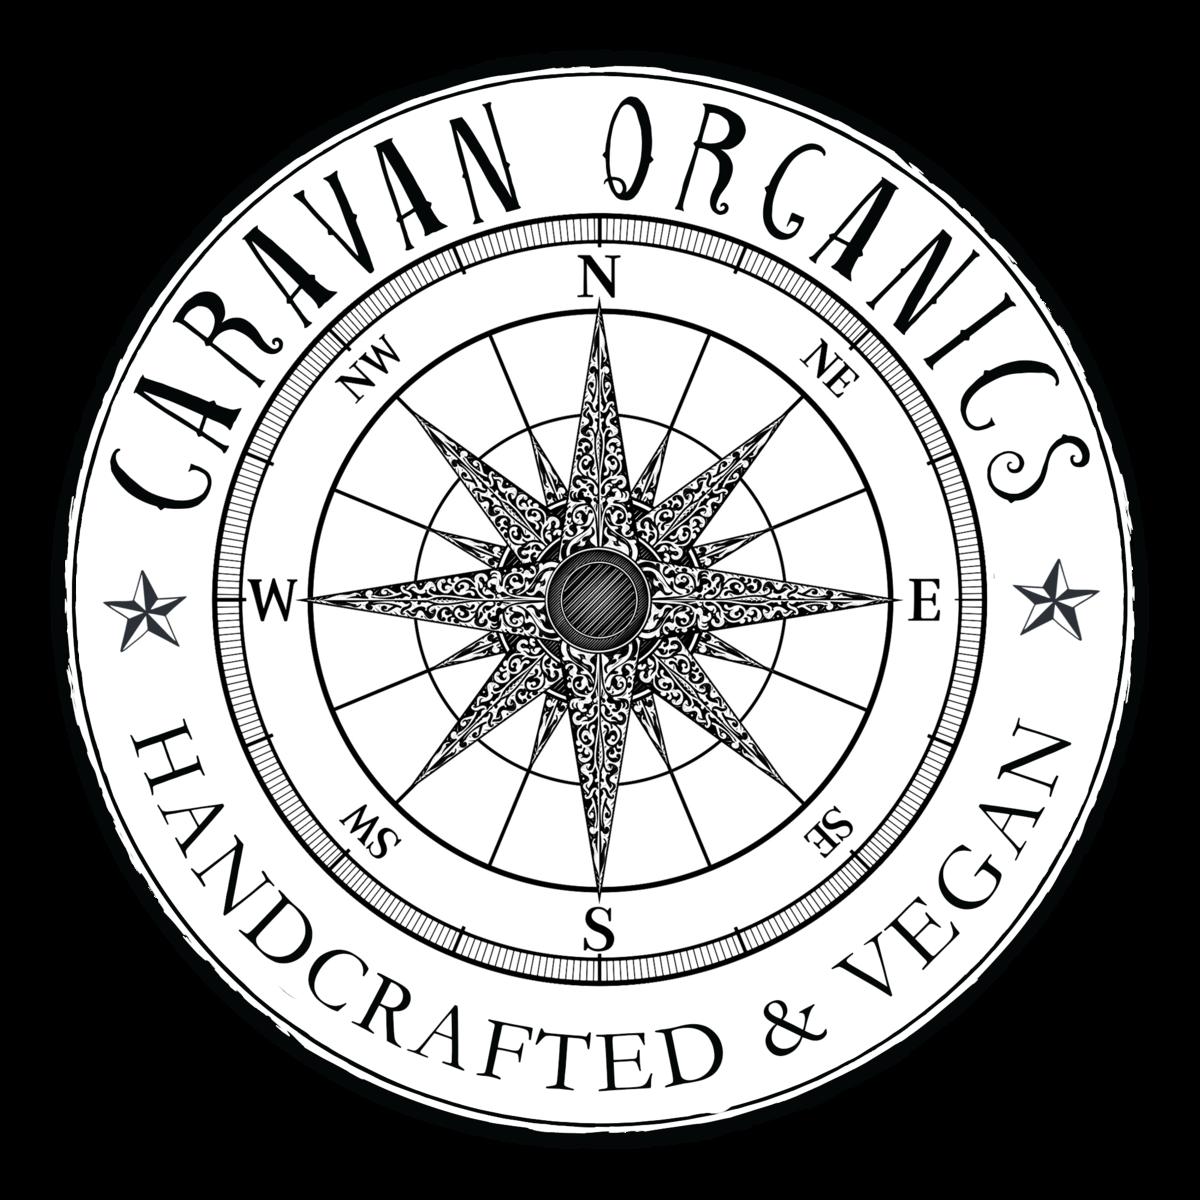 Caravan Organics